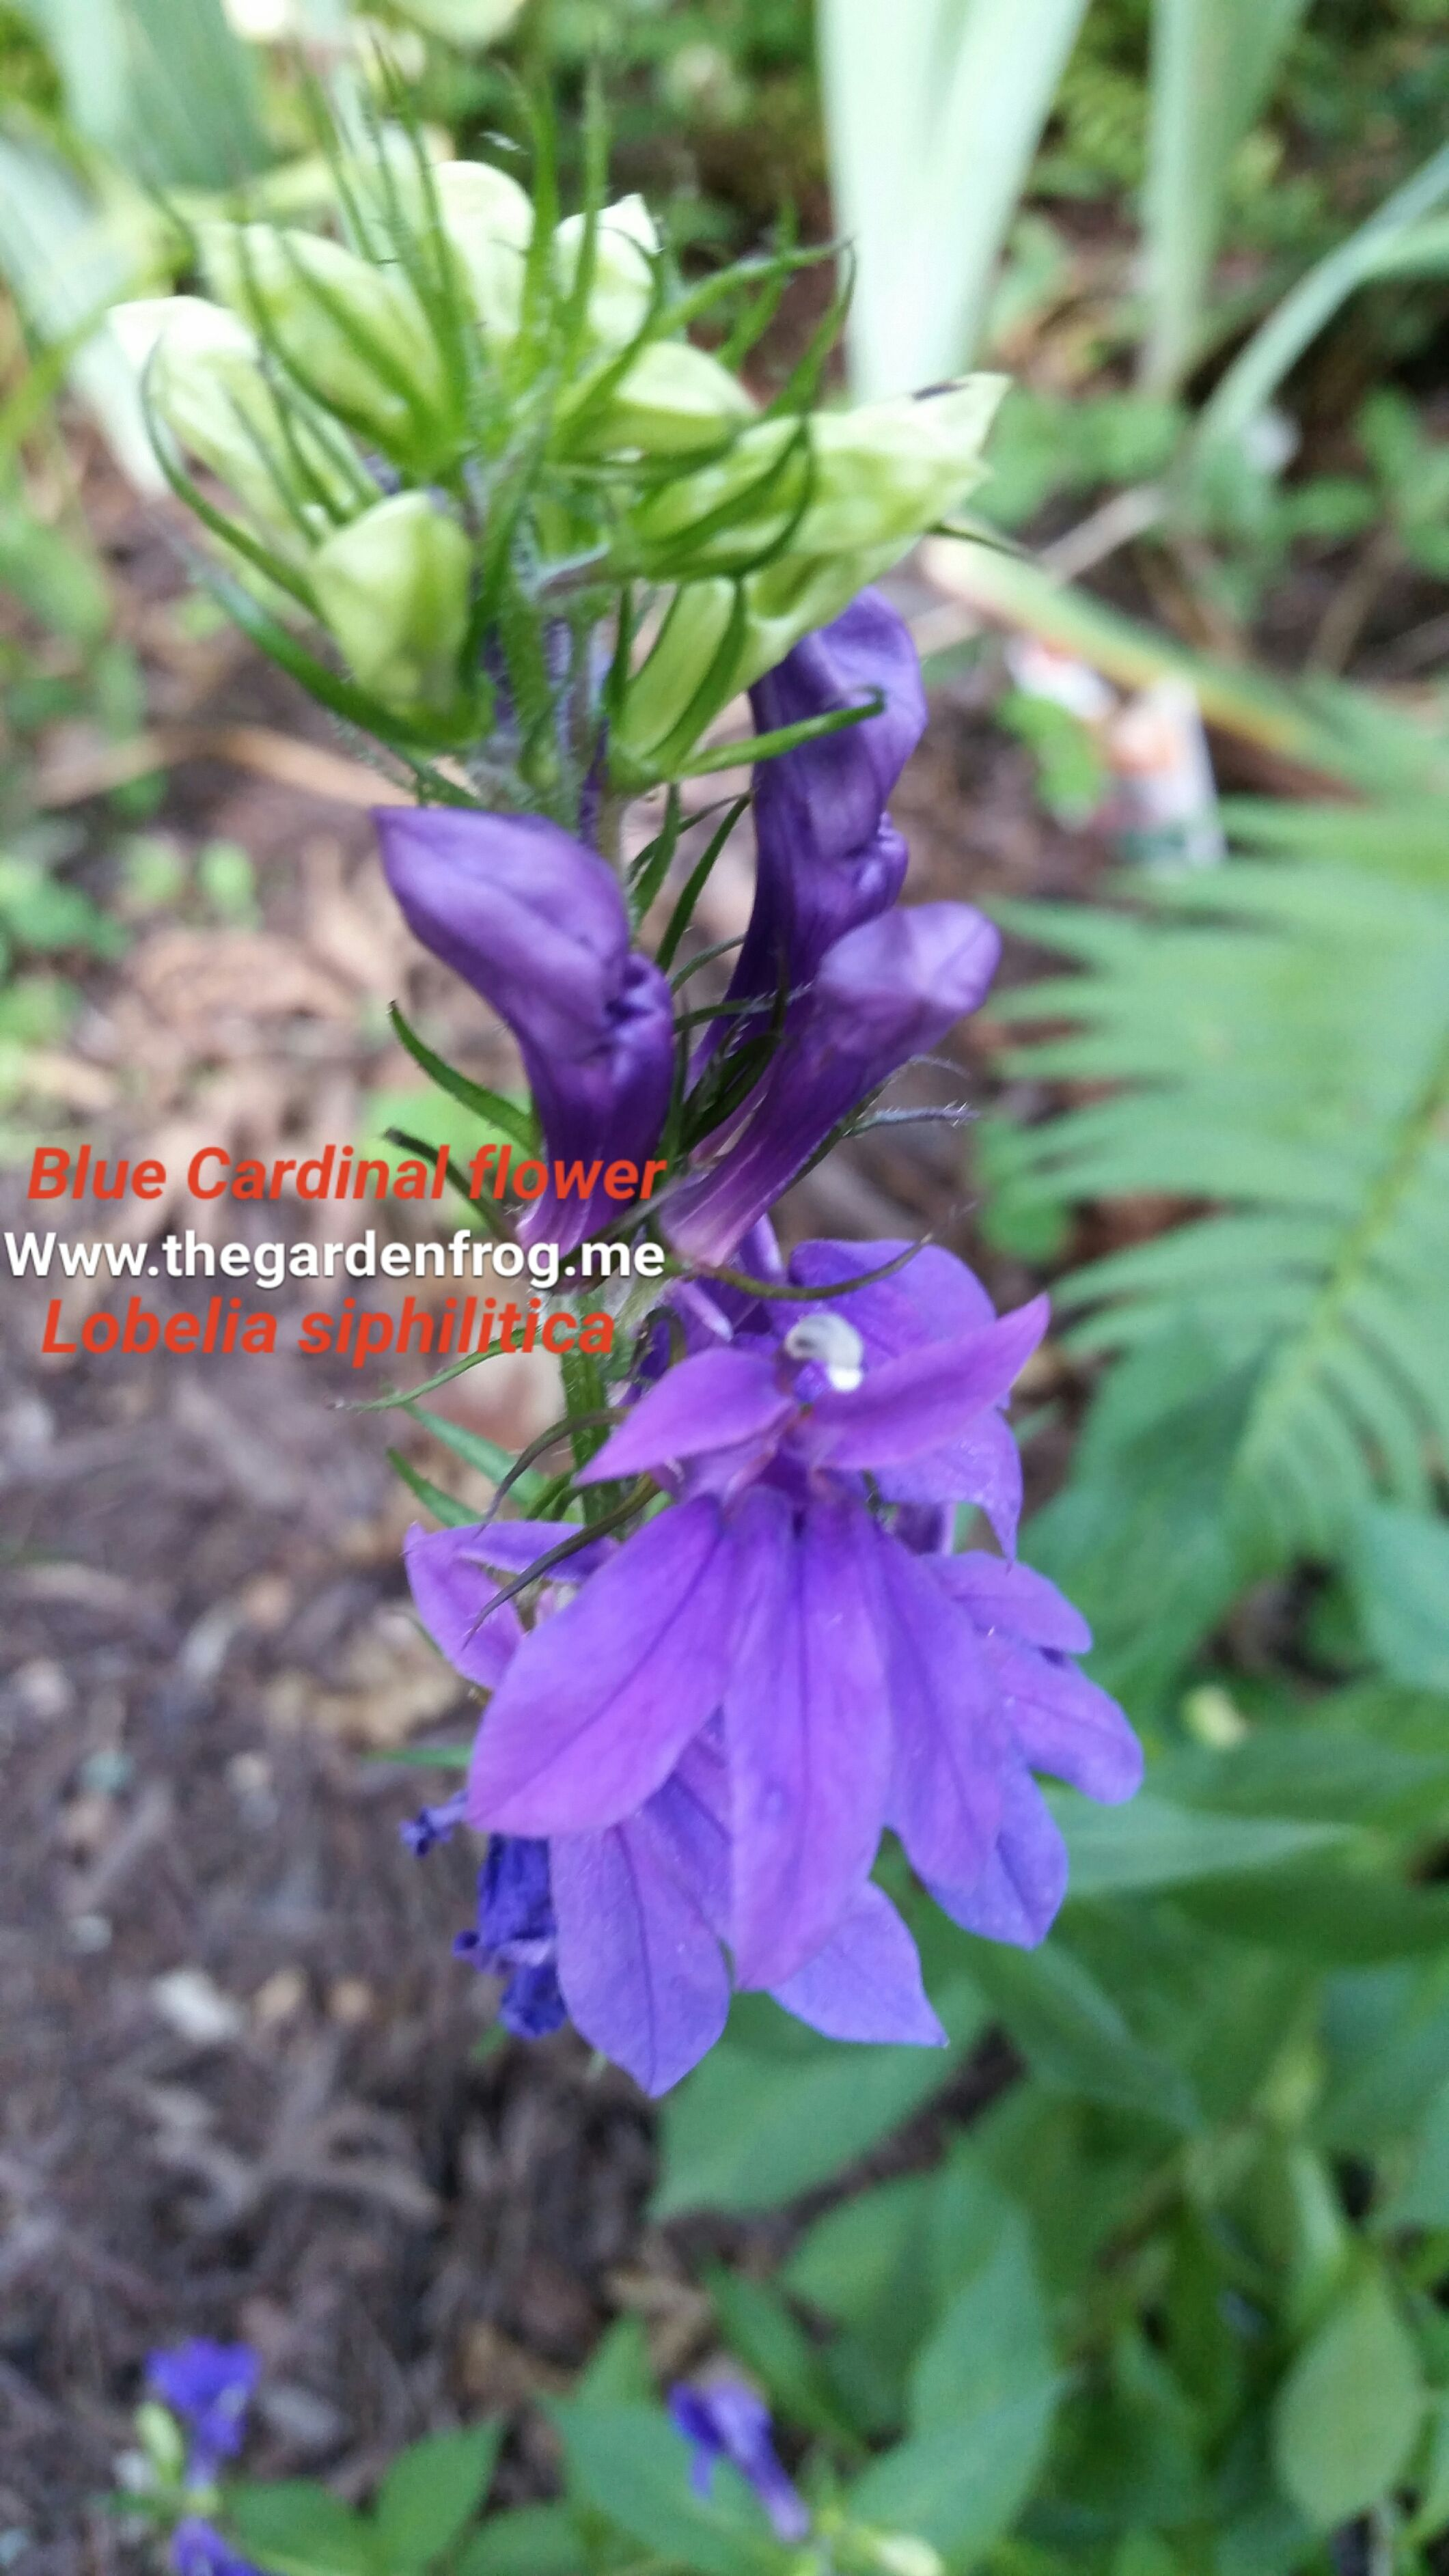 Blue Cardinal Flower Blue Lobelia Lobelia Sipilitica Great